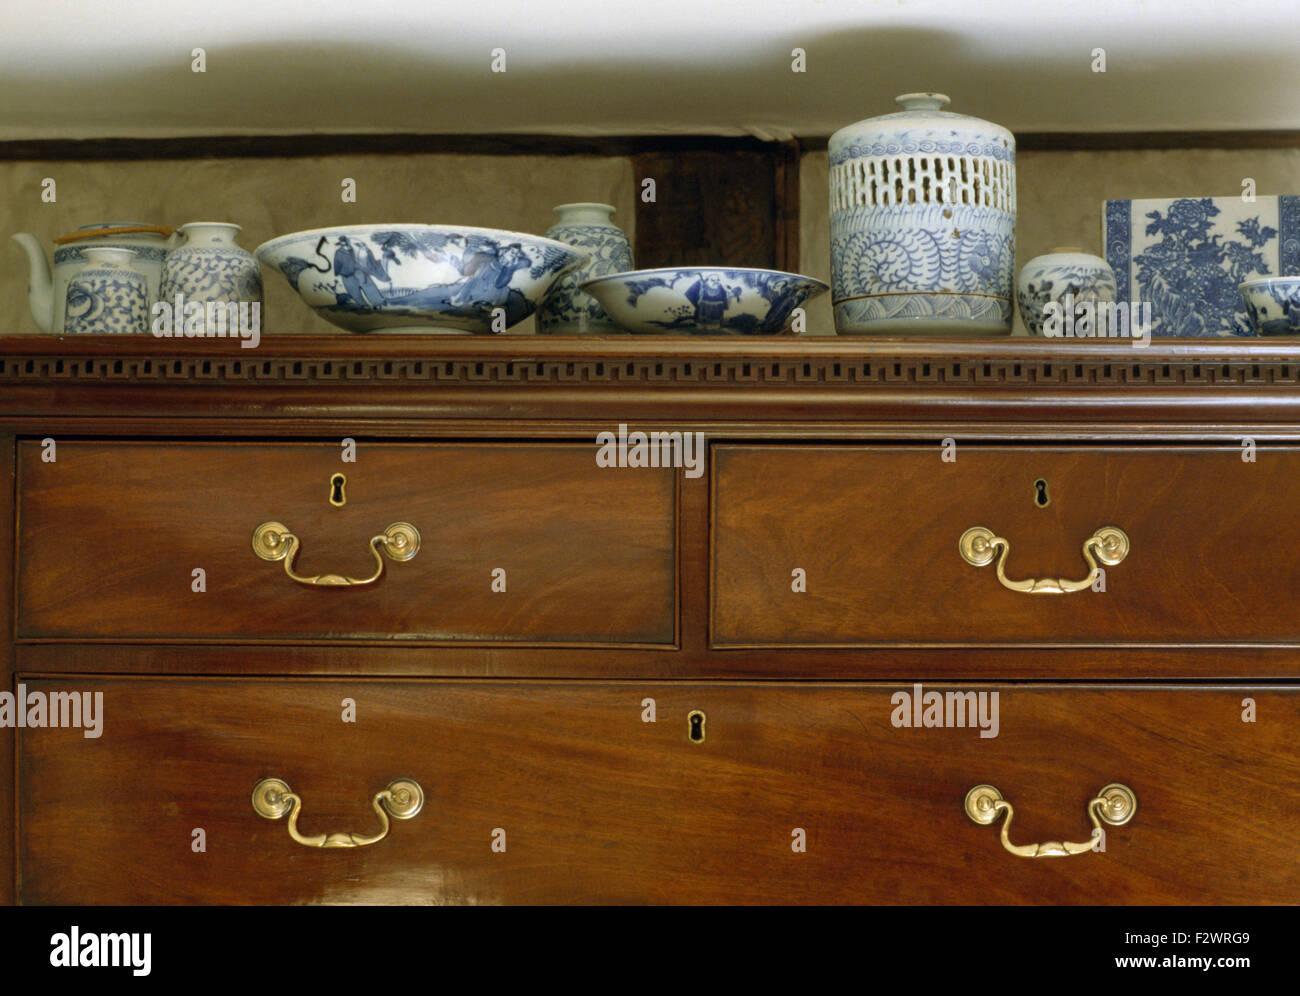 Nahaufnahme Der Blaue Weisse Chinesische Keramik Auf Eine Antike